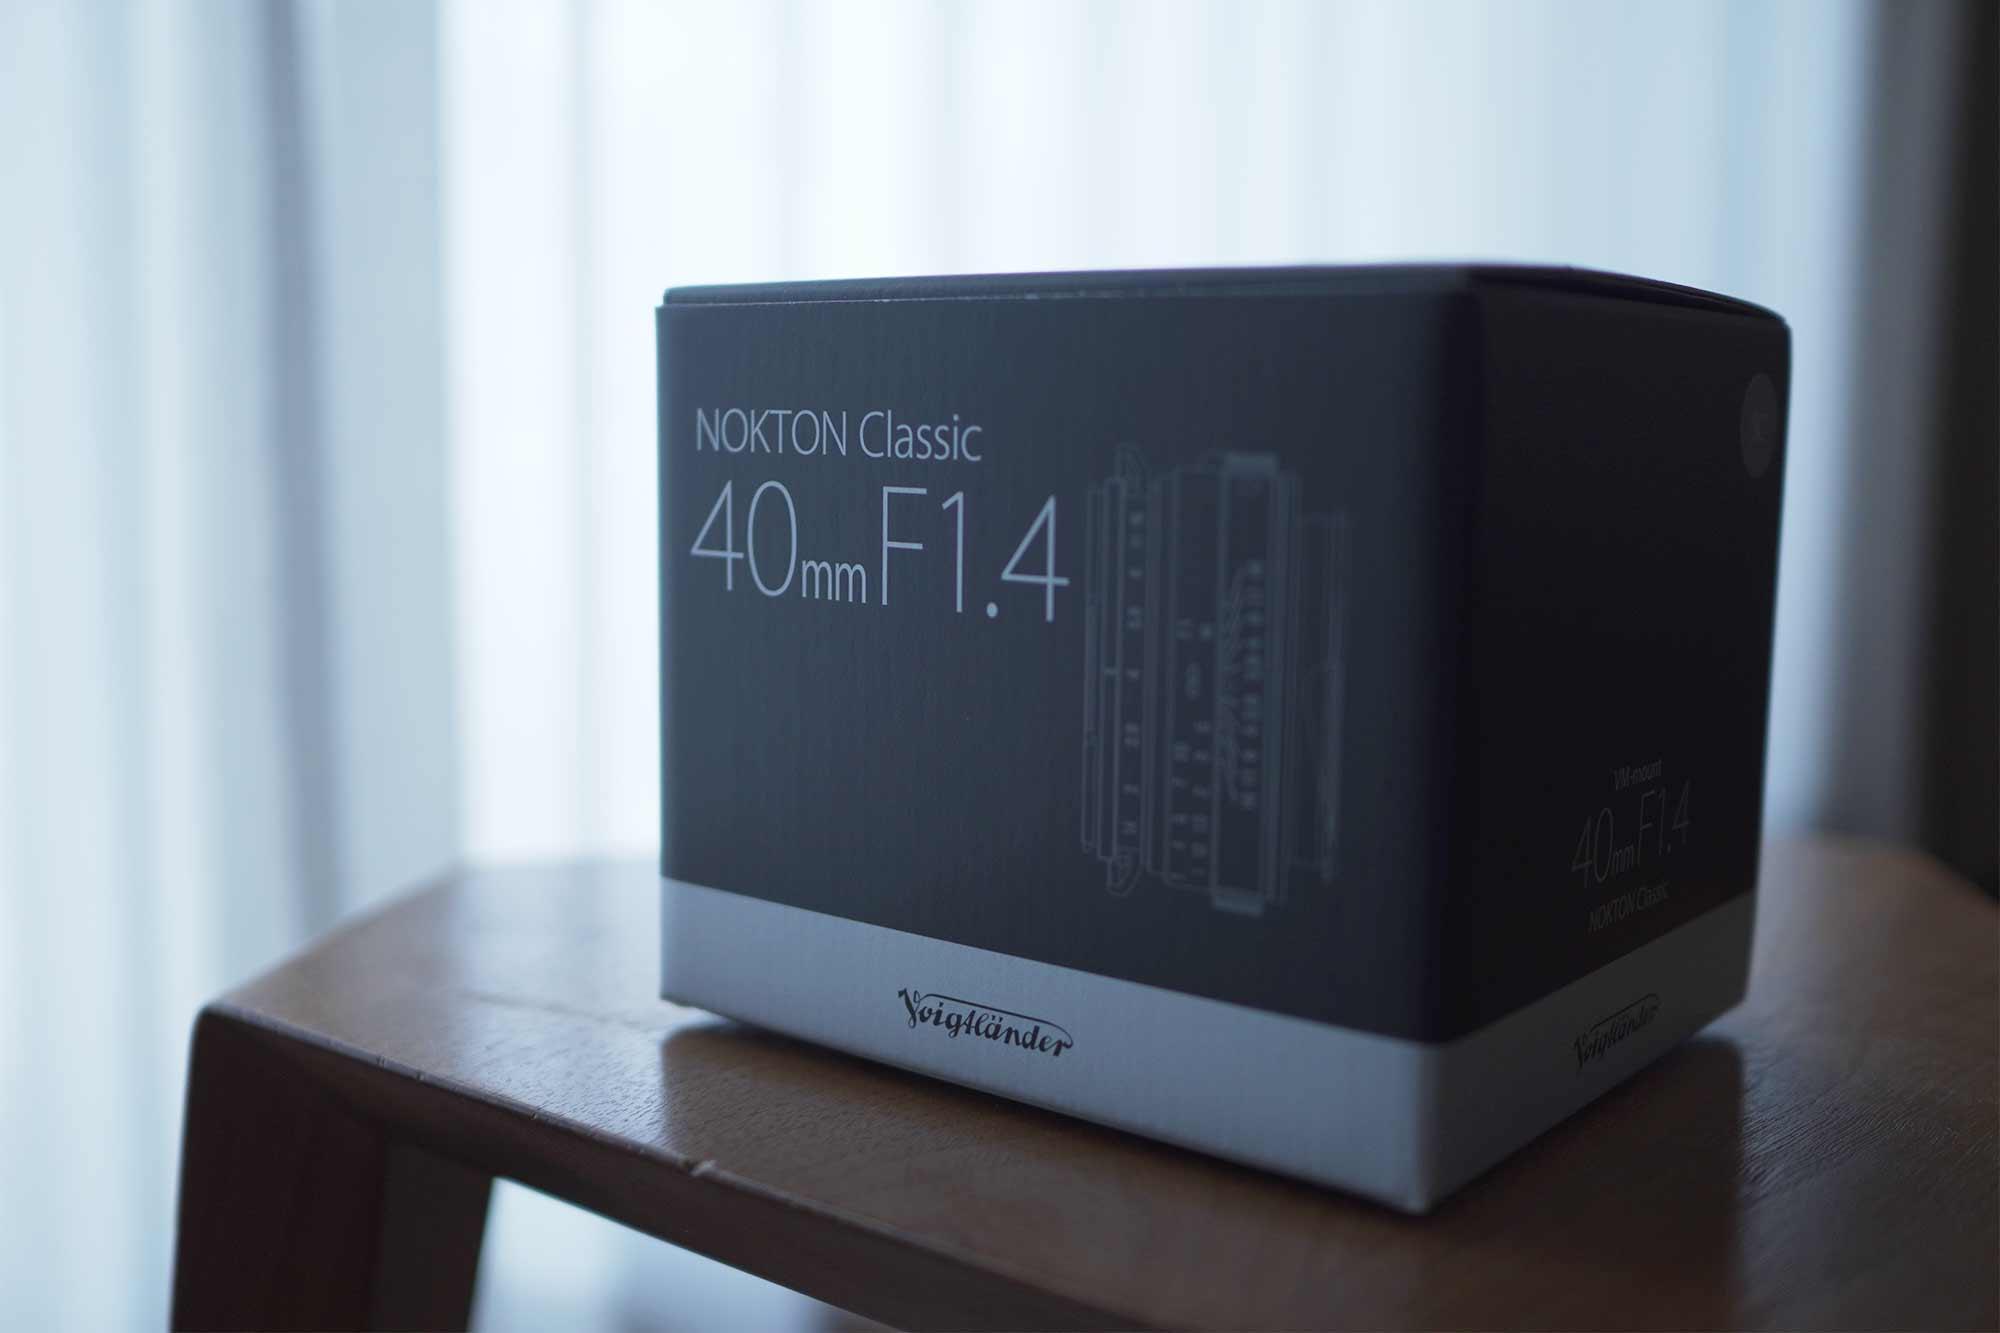 フォクトレンダー,カメラ,レンズ,クラシック,オールドレンズ,40mm,f1.4,外箱